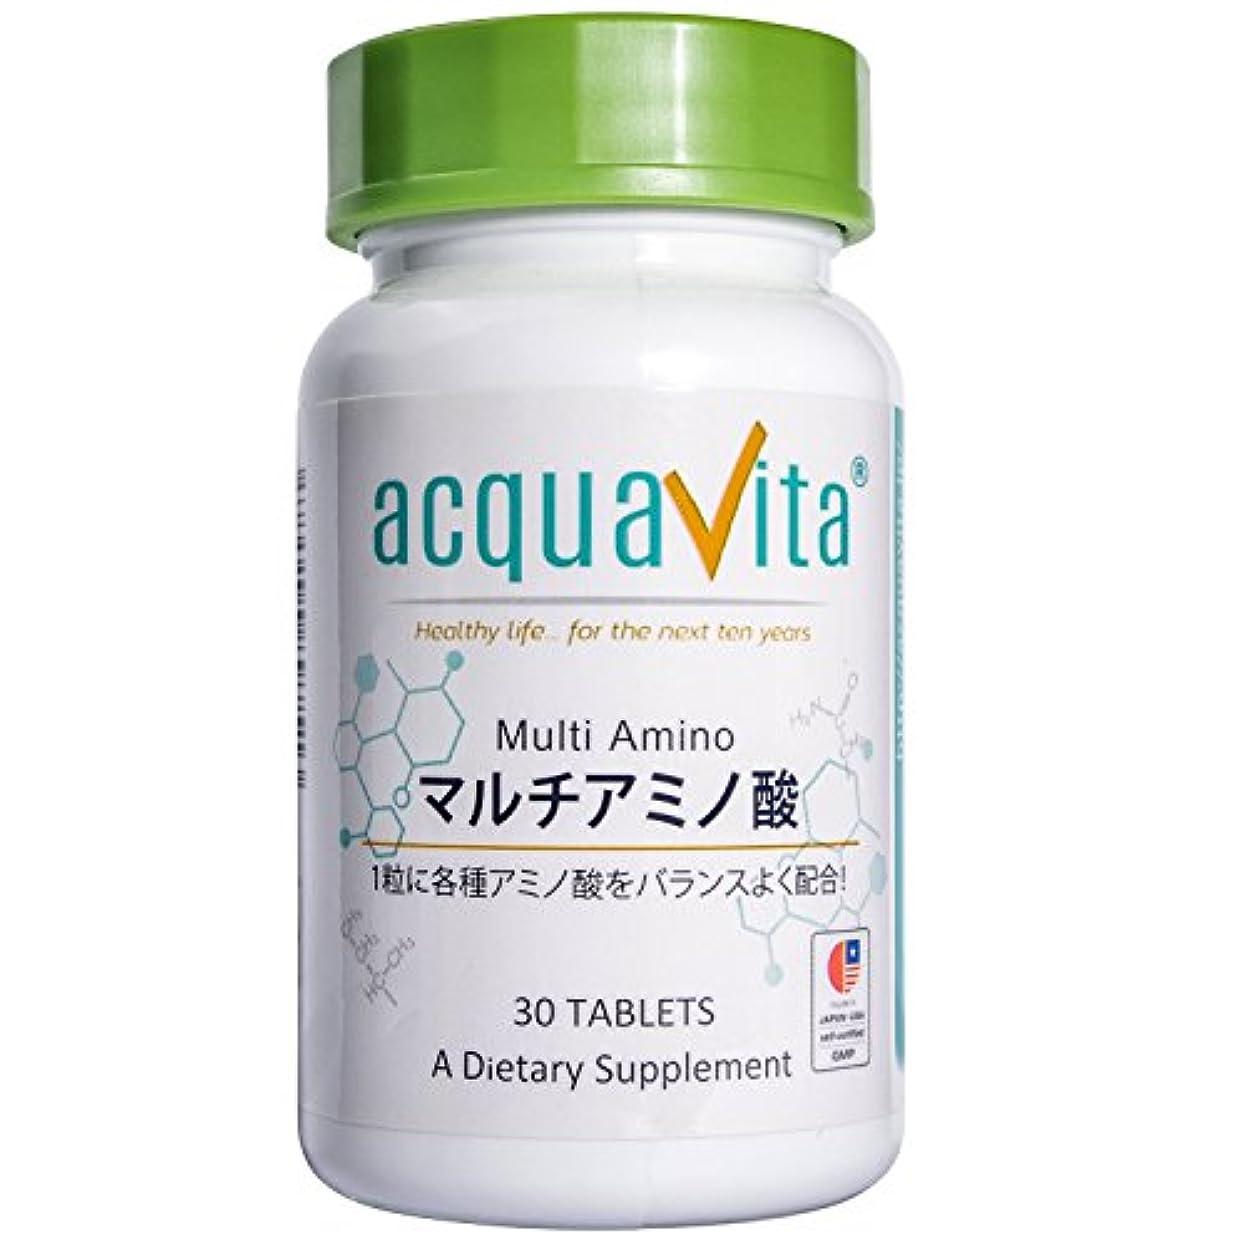 ブースト代数家畜acquavita(アクアヴィータ) マルチアミノ酸 30粒